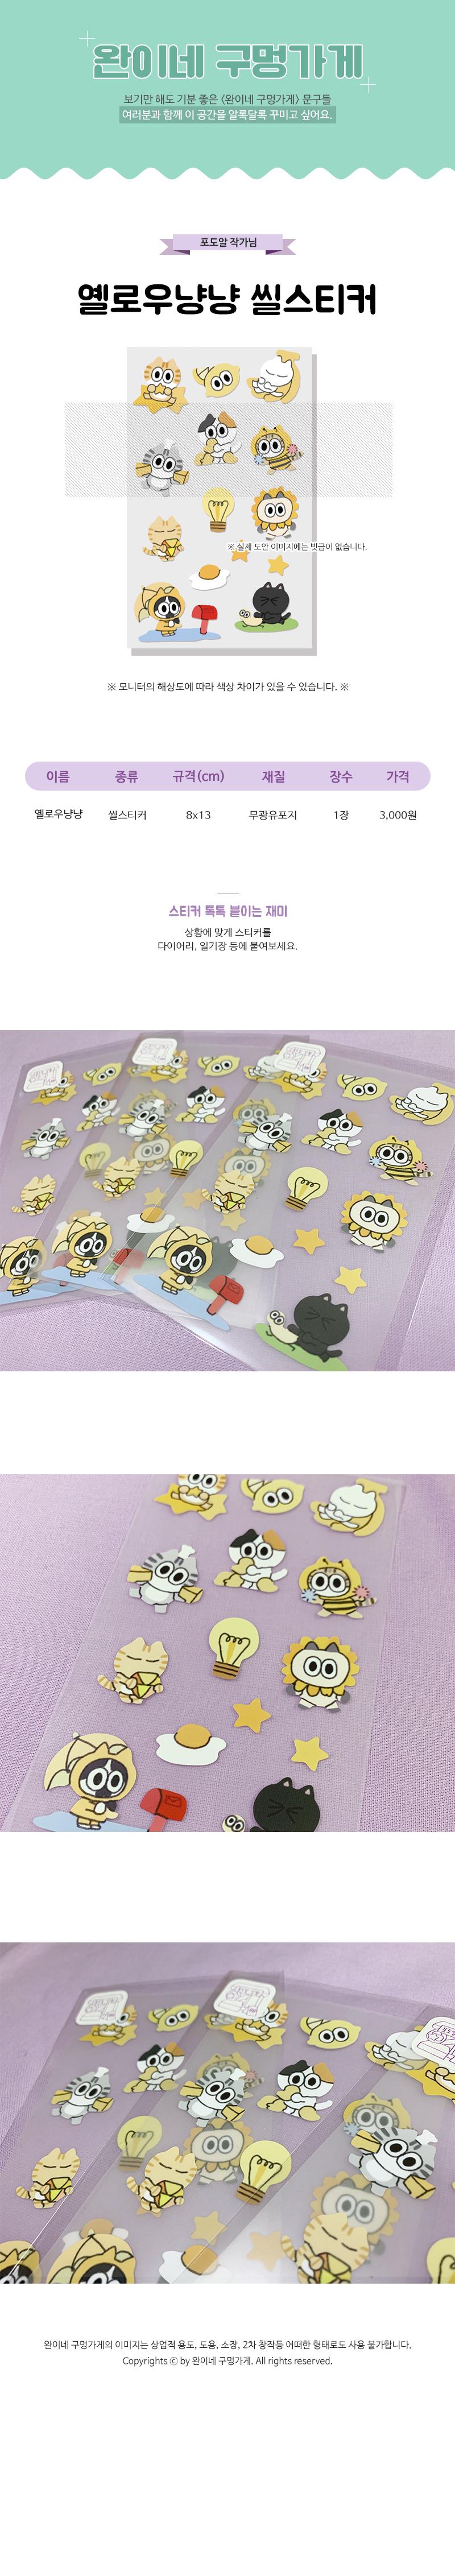 sticker538